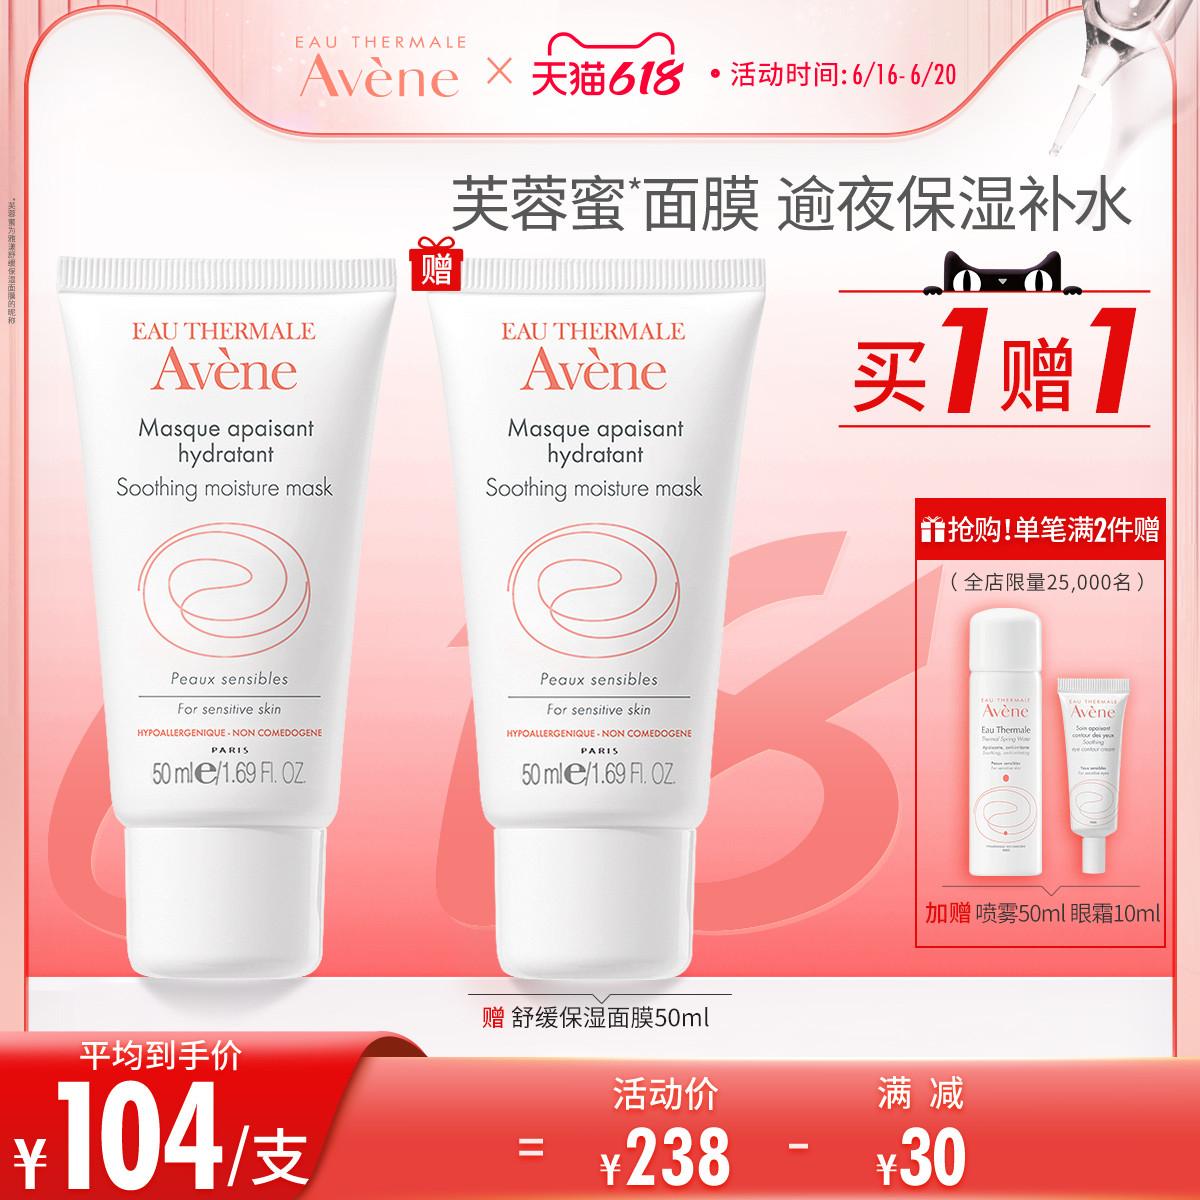 雅漾舒缓保湿面膜50ml 芙蓉蜜温和敏感肌肤保湿补水免洗涂抹面膜